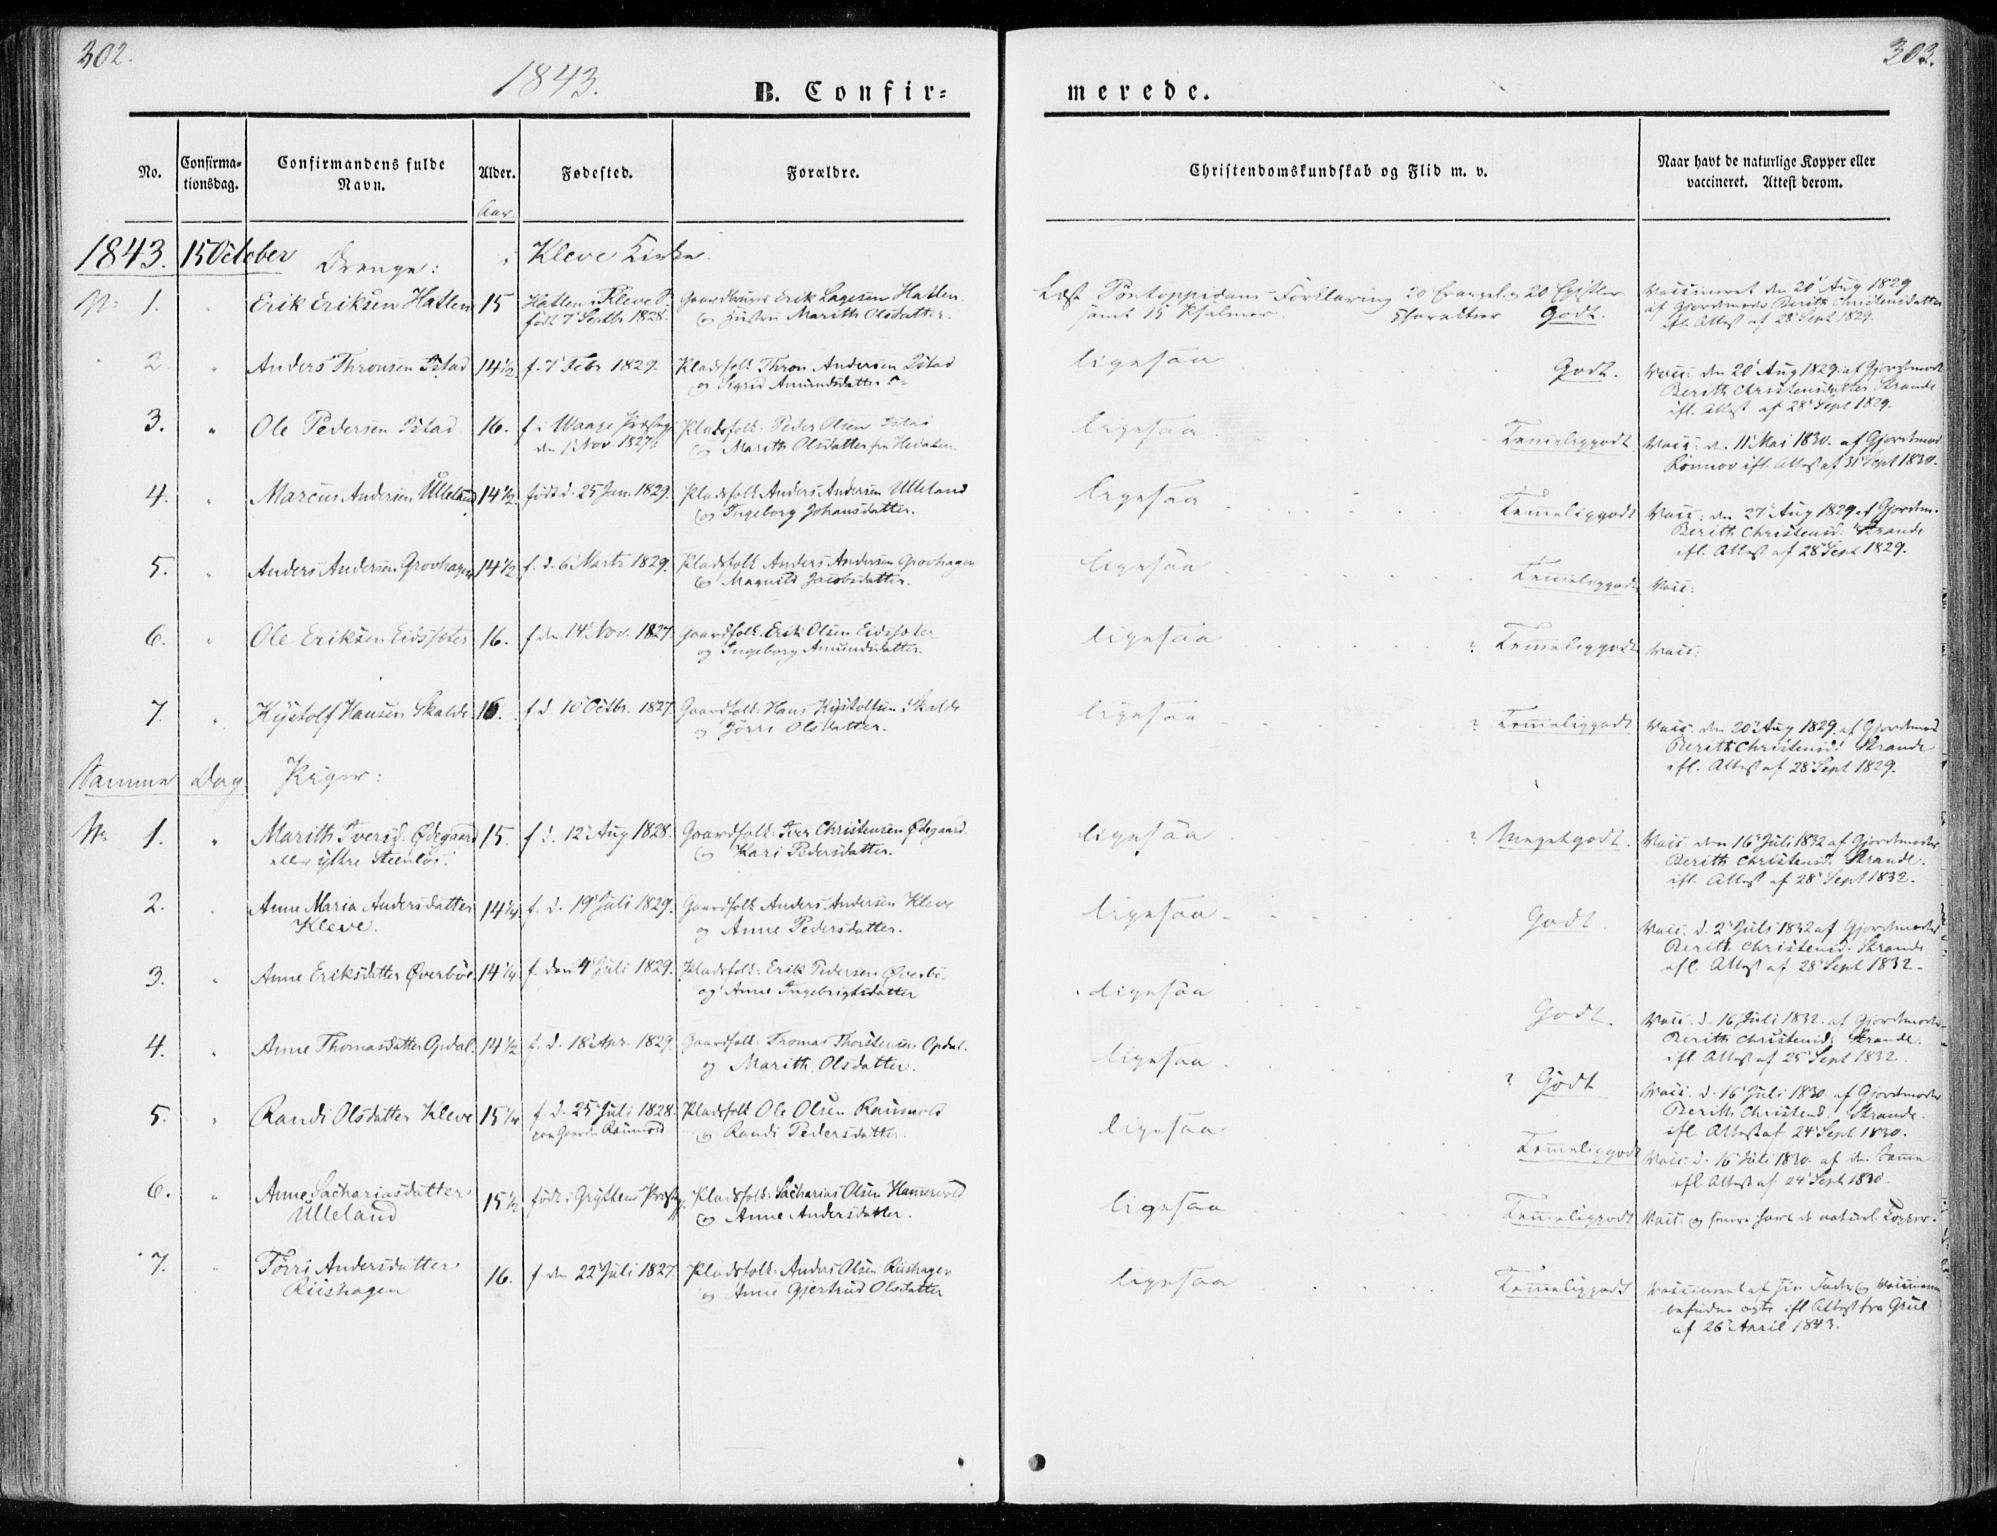 SAT, Ministerialprotokoller, klokkerbøker og fødselsregistre - Møre og Romsdal, 557/L0680: Ministerialbok nr. 557A02, 1843-1869, s. 302-303